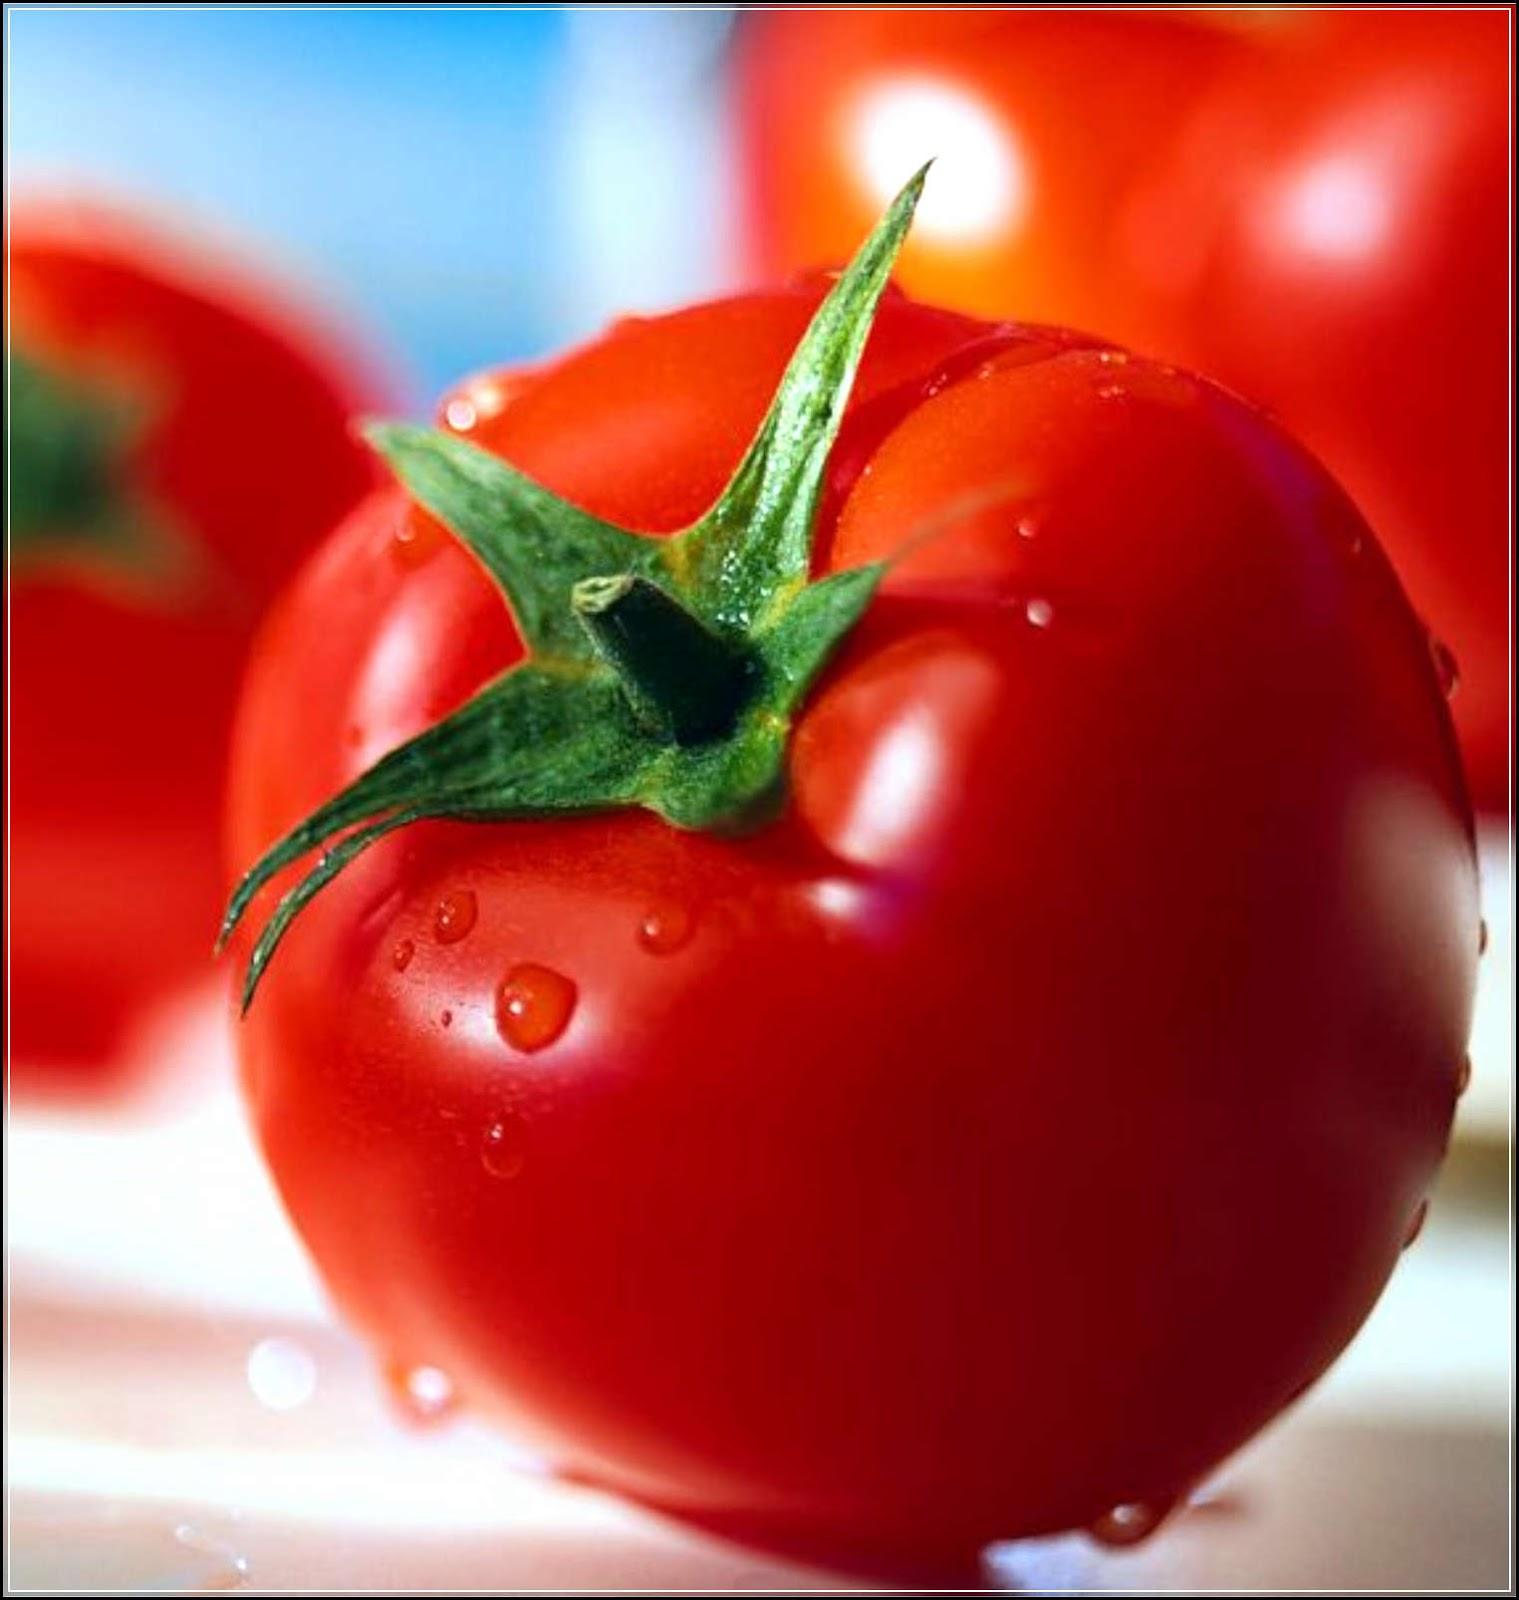 Cara Menghilangkan Bopeng Bekas Jerawat Dengan Tomat: Menghilangkan Jerawat Dan Wajah Berminyak Dengan Tomat